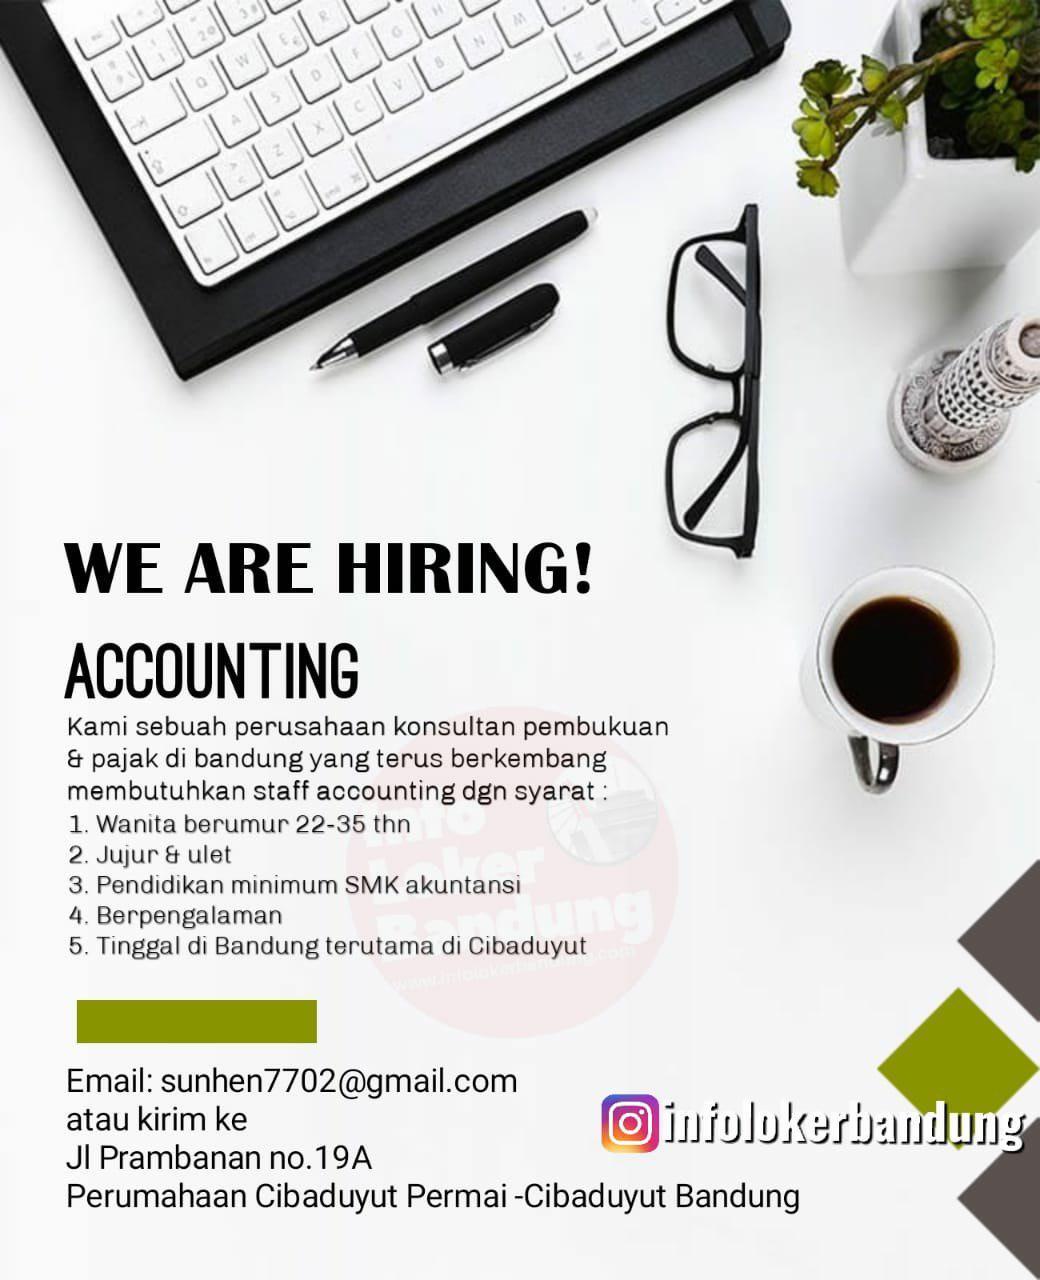 Lowongan Kerja Accounting Perusahaan Konsultan Pembukuan & Pajak Bandung Agustus 2019